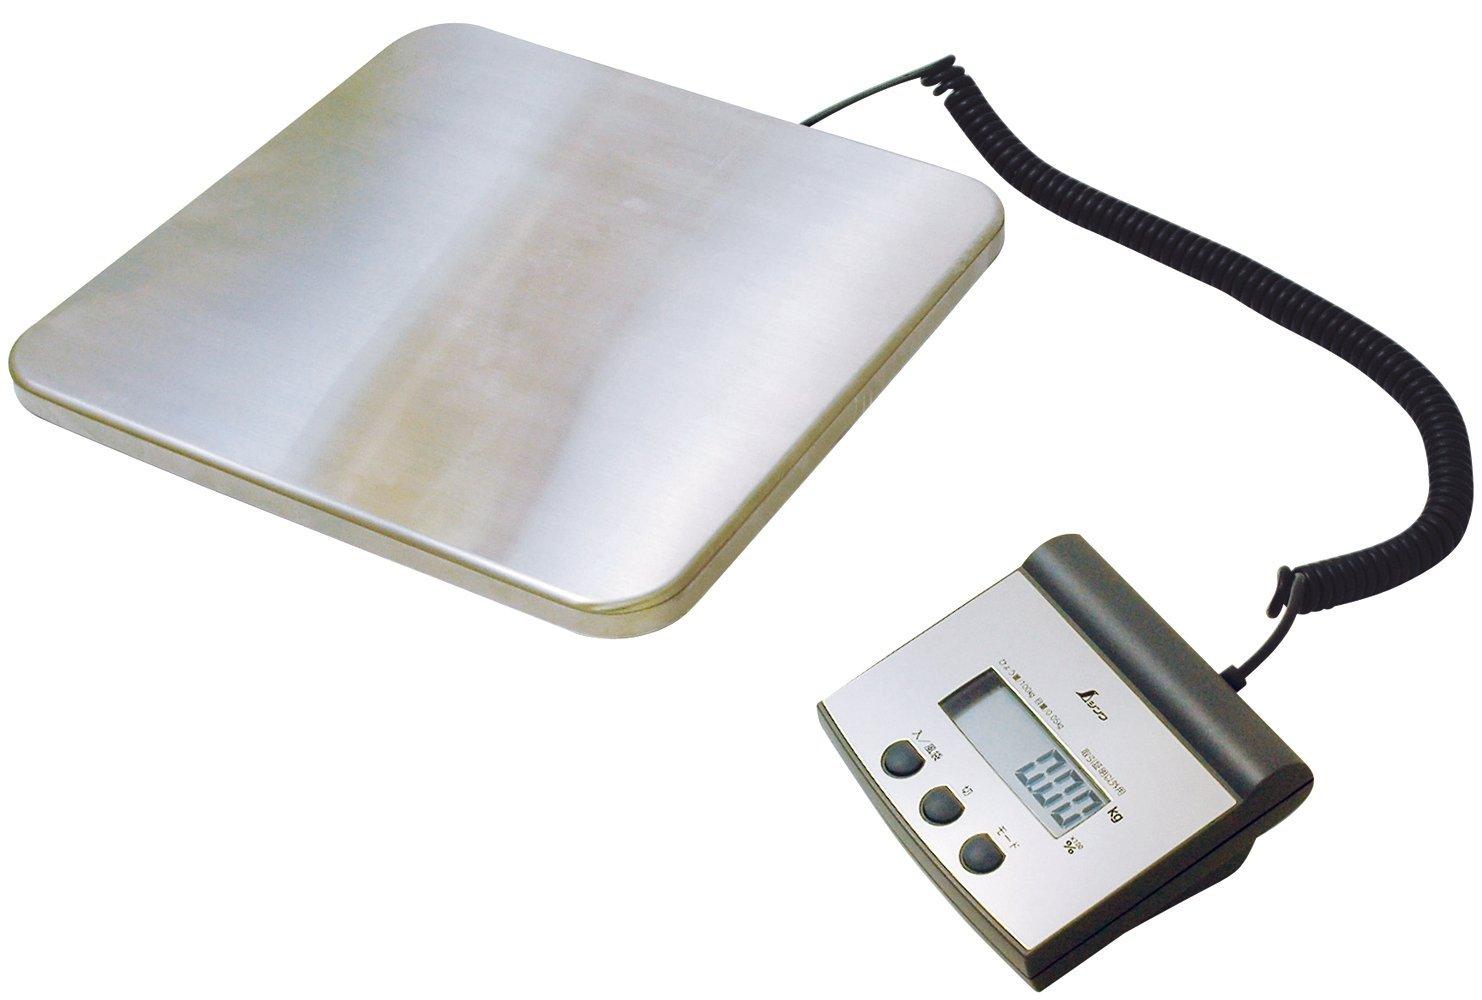 シンワ デジタル台はかり 隔測式 100kg 70108